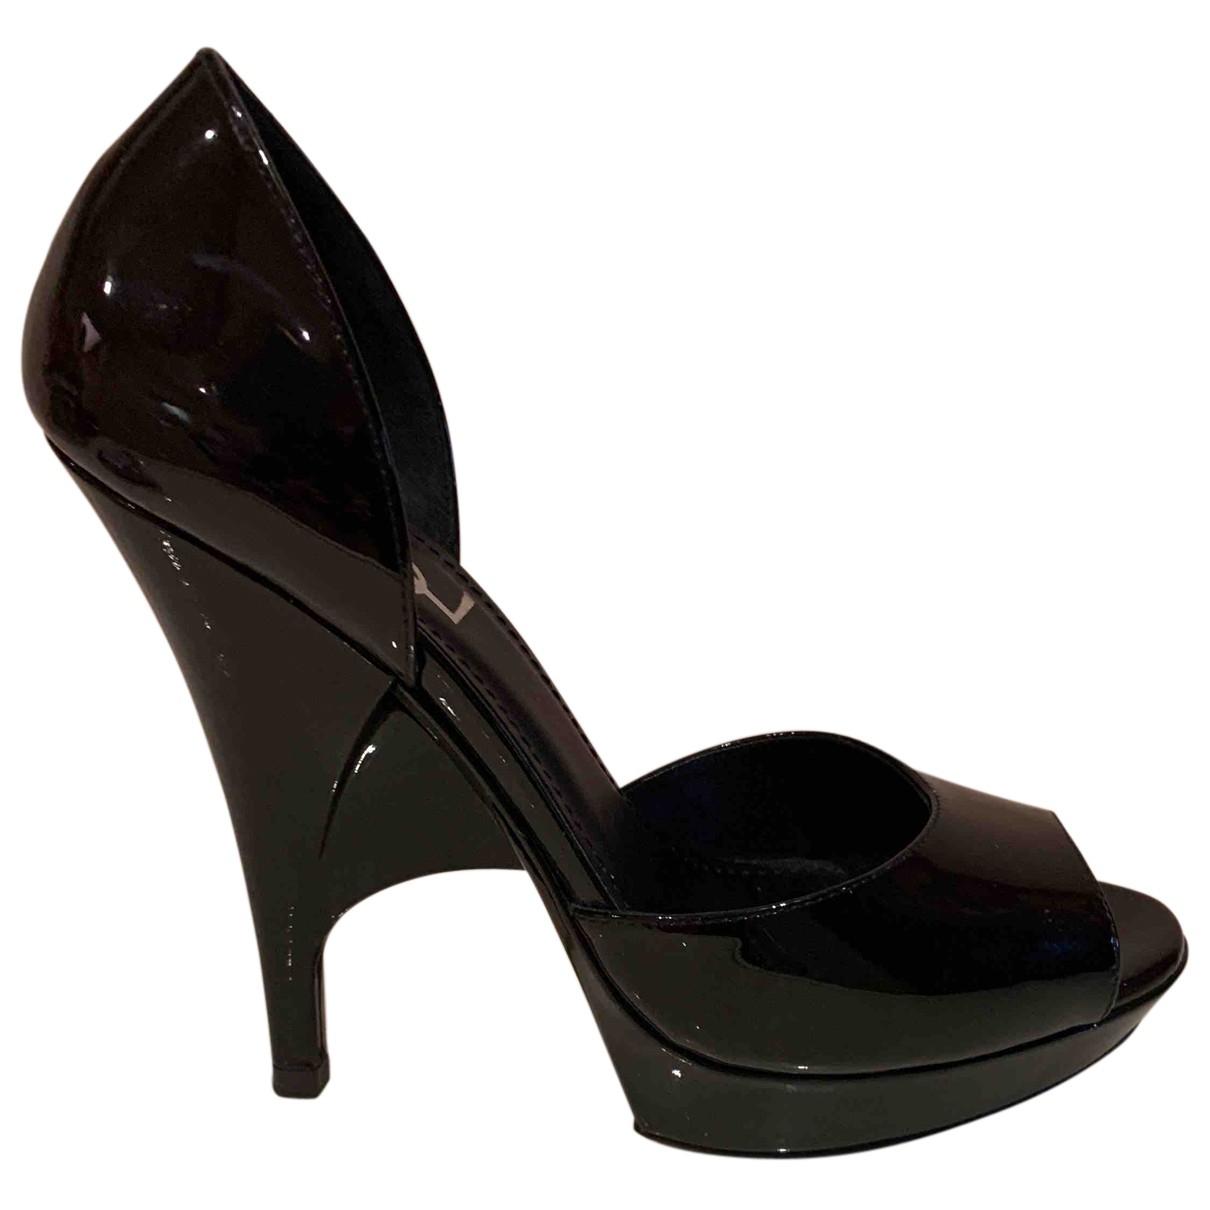 Yves Saint Laurent - Escarpins   pour femme en cuir verni - noir